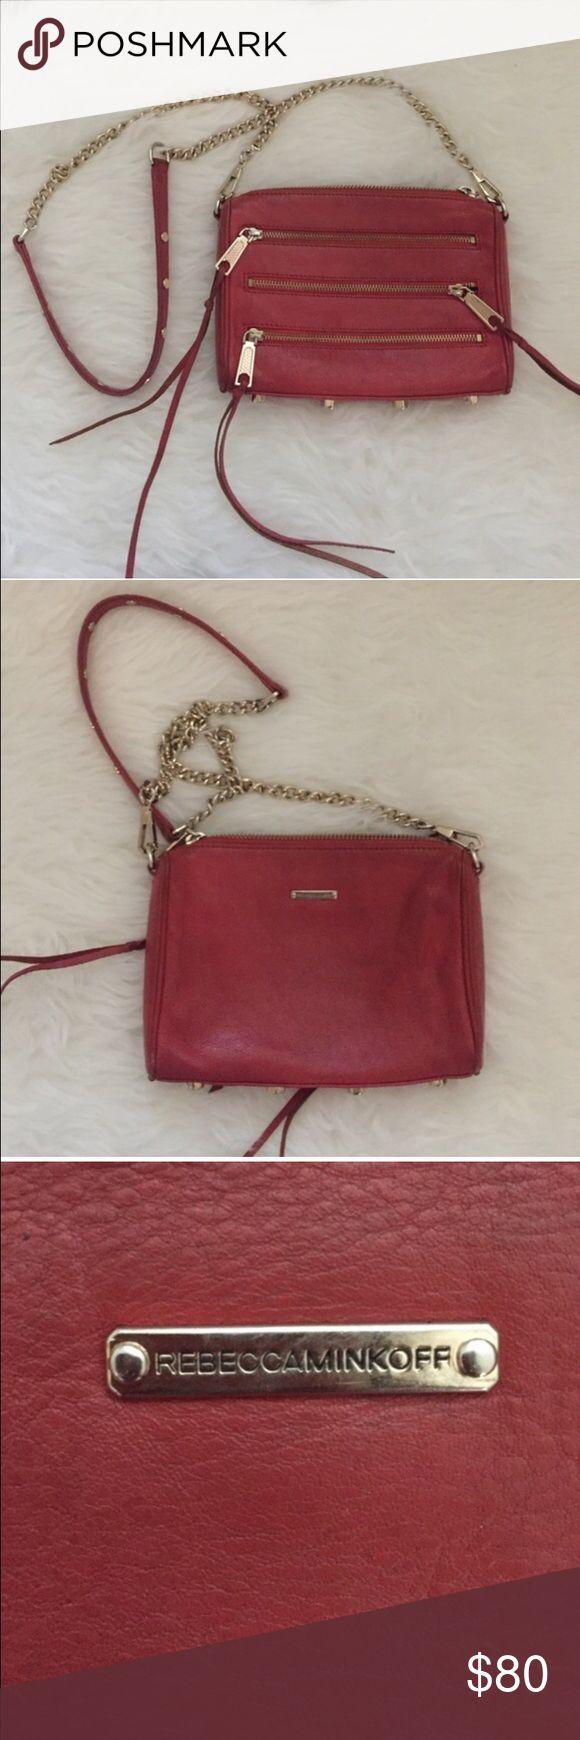 red rebecca minkoff purse red rebecca minkoff purse Rebecca Minkoff Bags Crossbody Bags